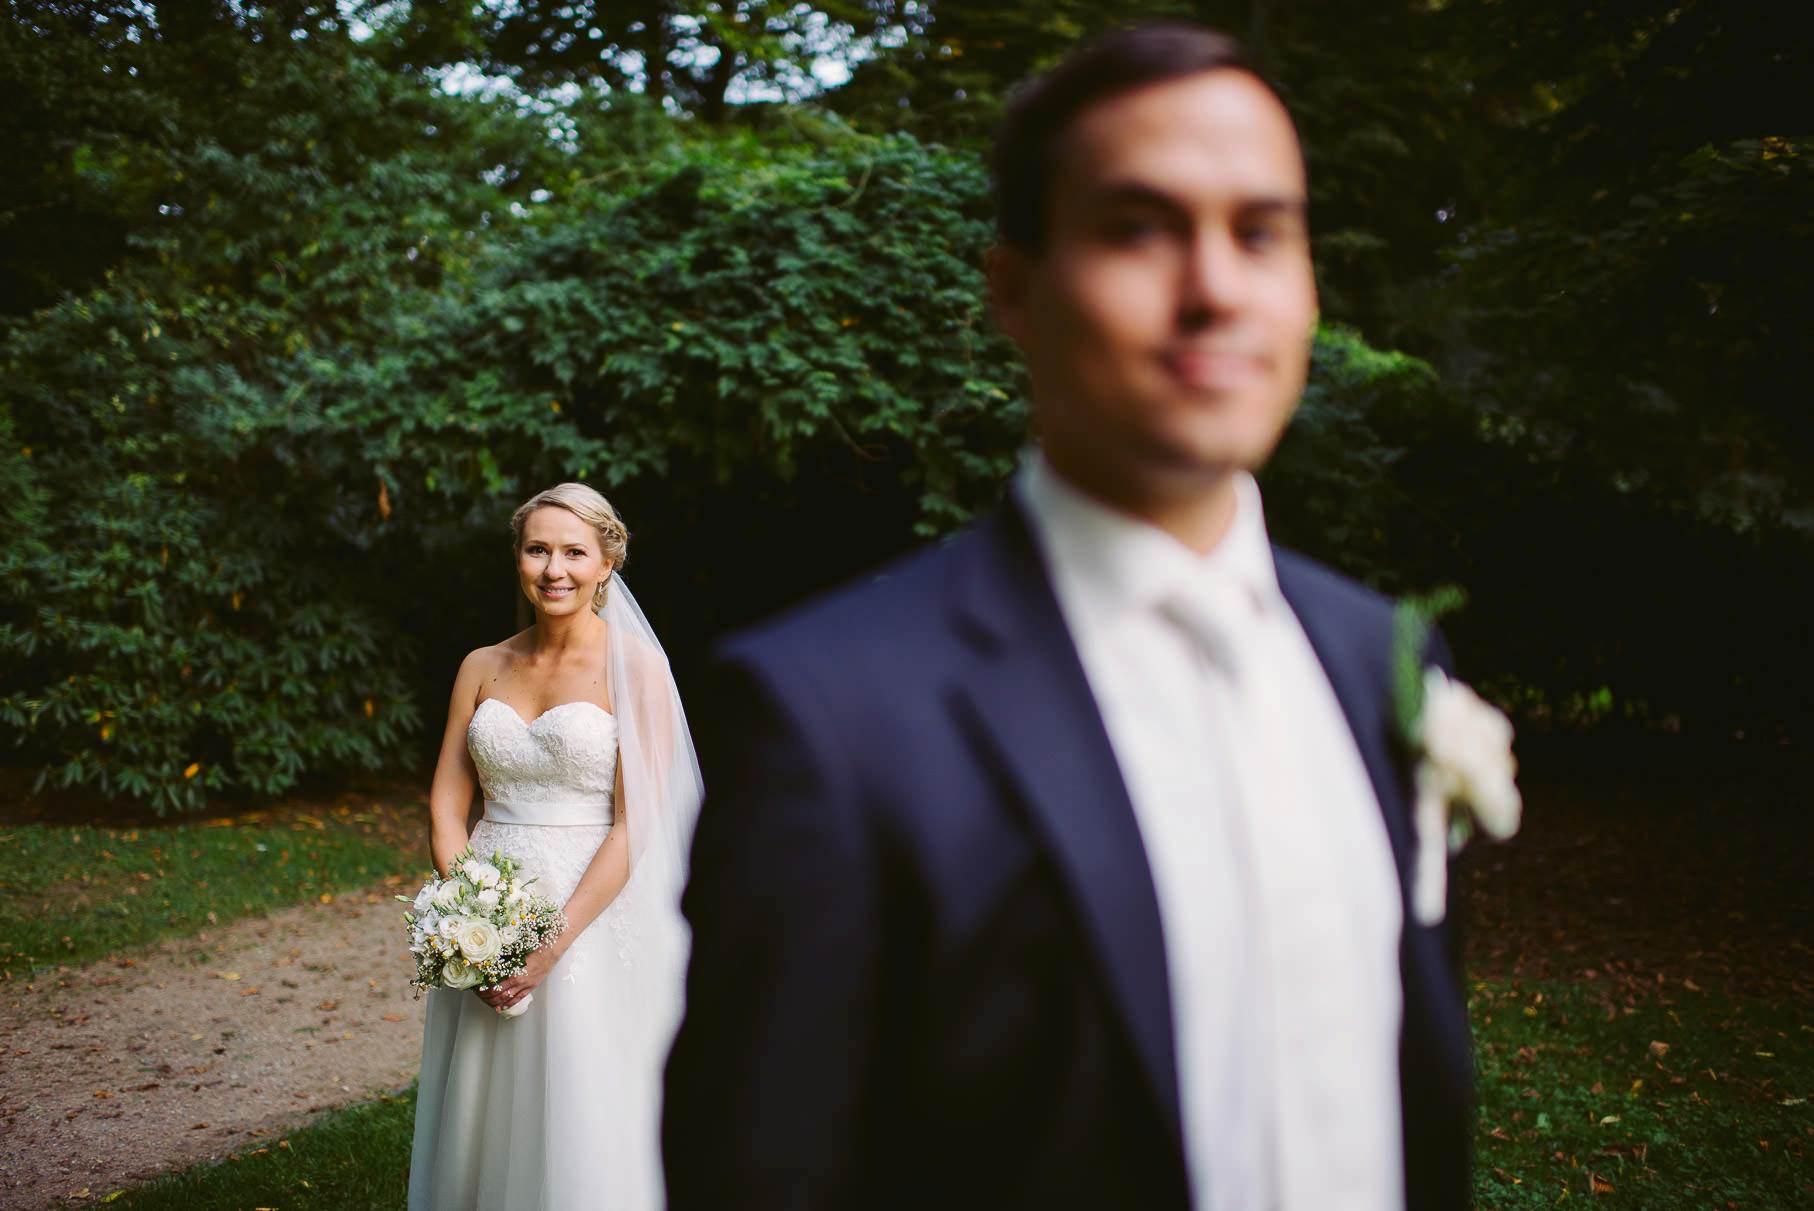 0049 euo 812 1381 - Hochzeit im Schloss Reinbek - Elvira & Olaf